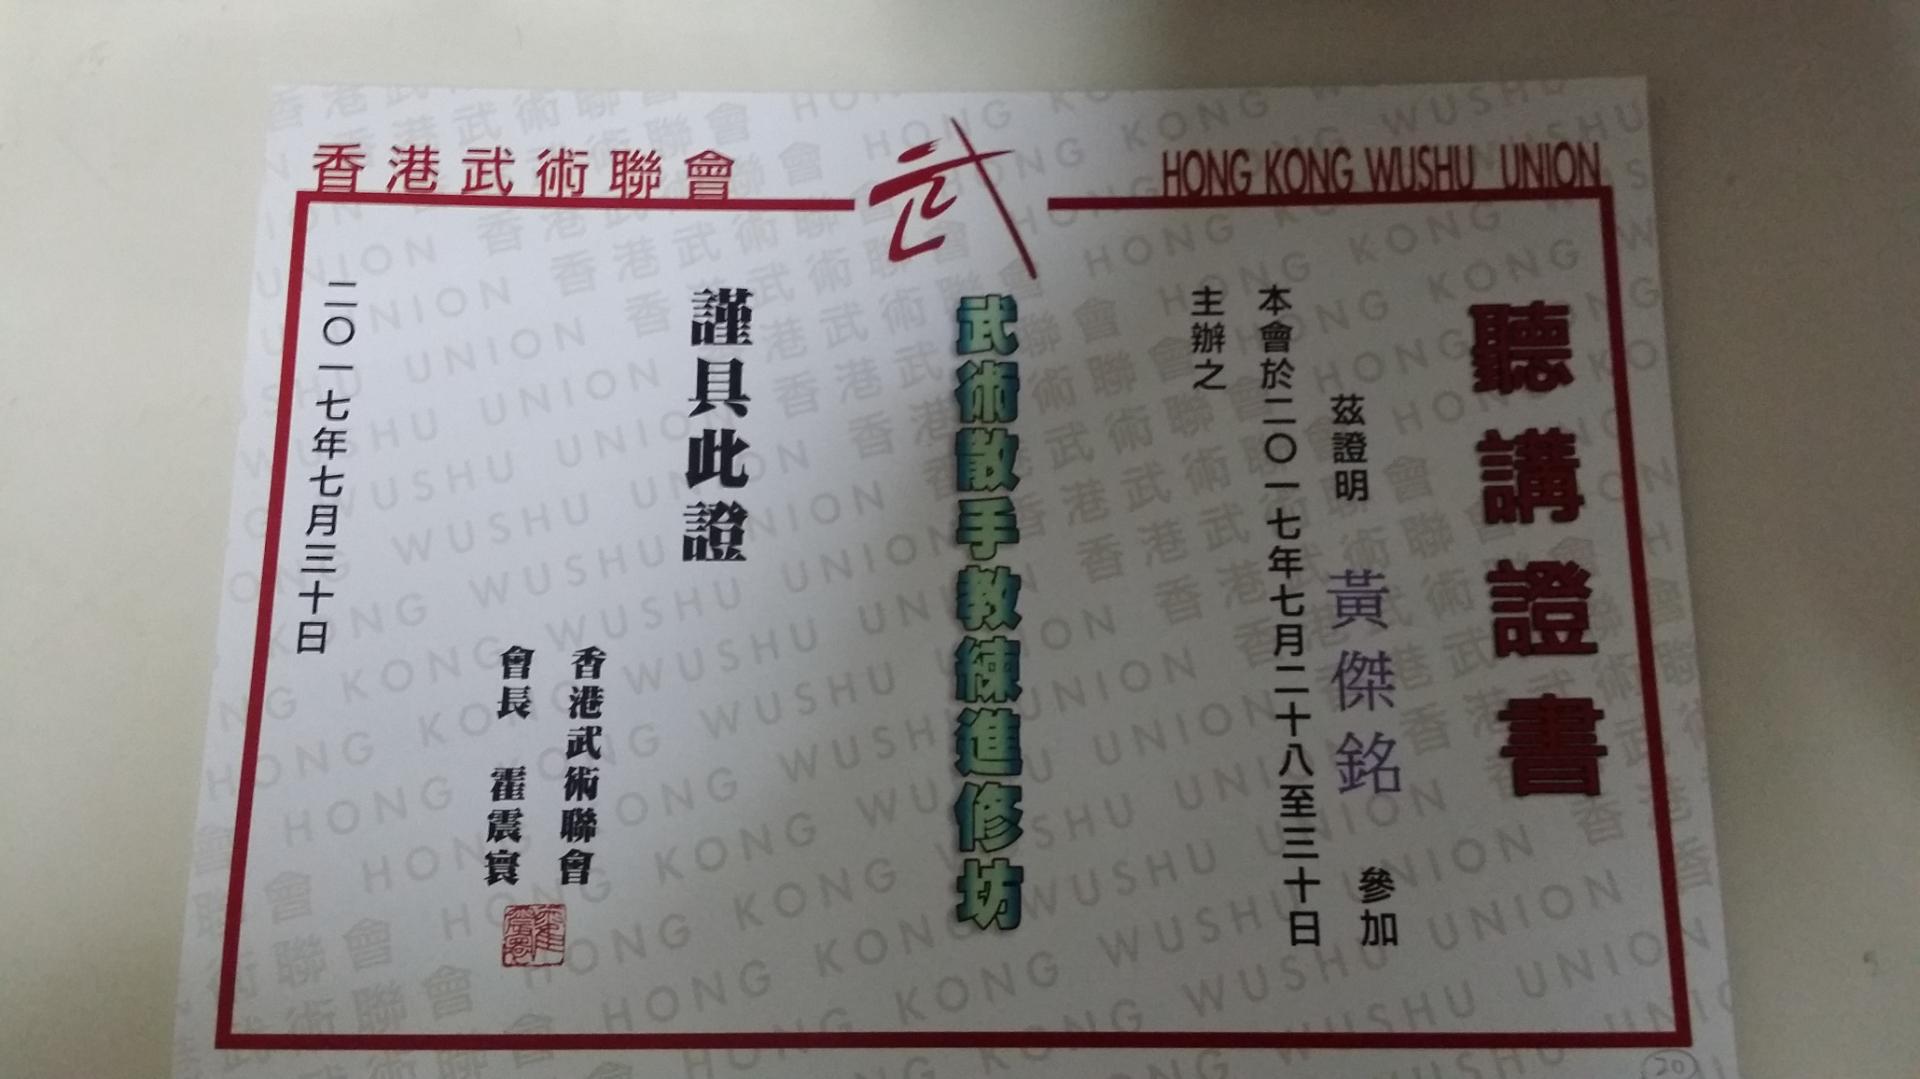 香港武術聯會 : 武術散手教練進修坊證書